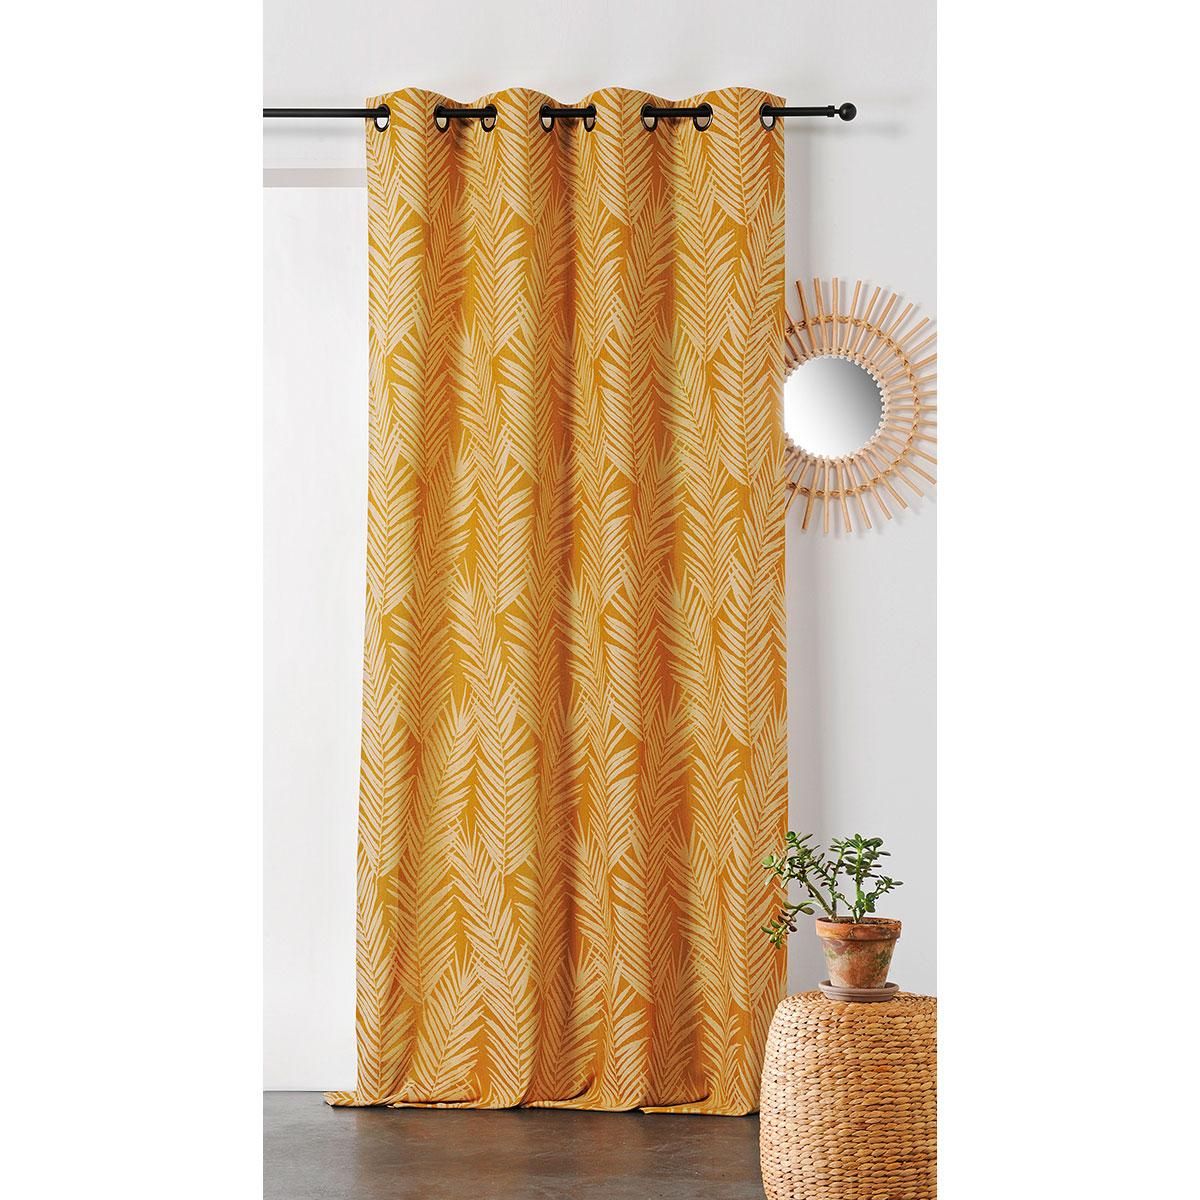 Rideau imprimé feuille de palmier coton jaune 240x140